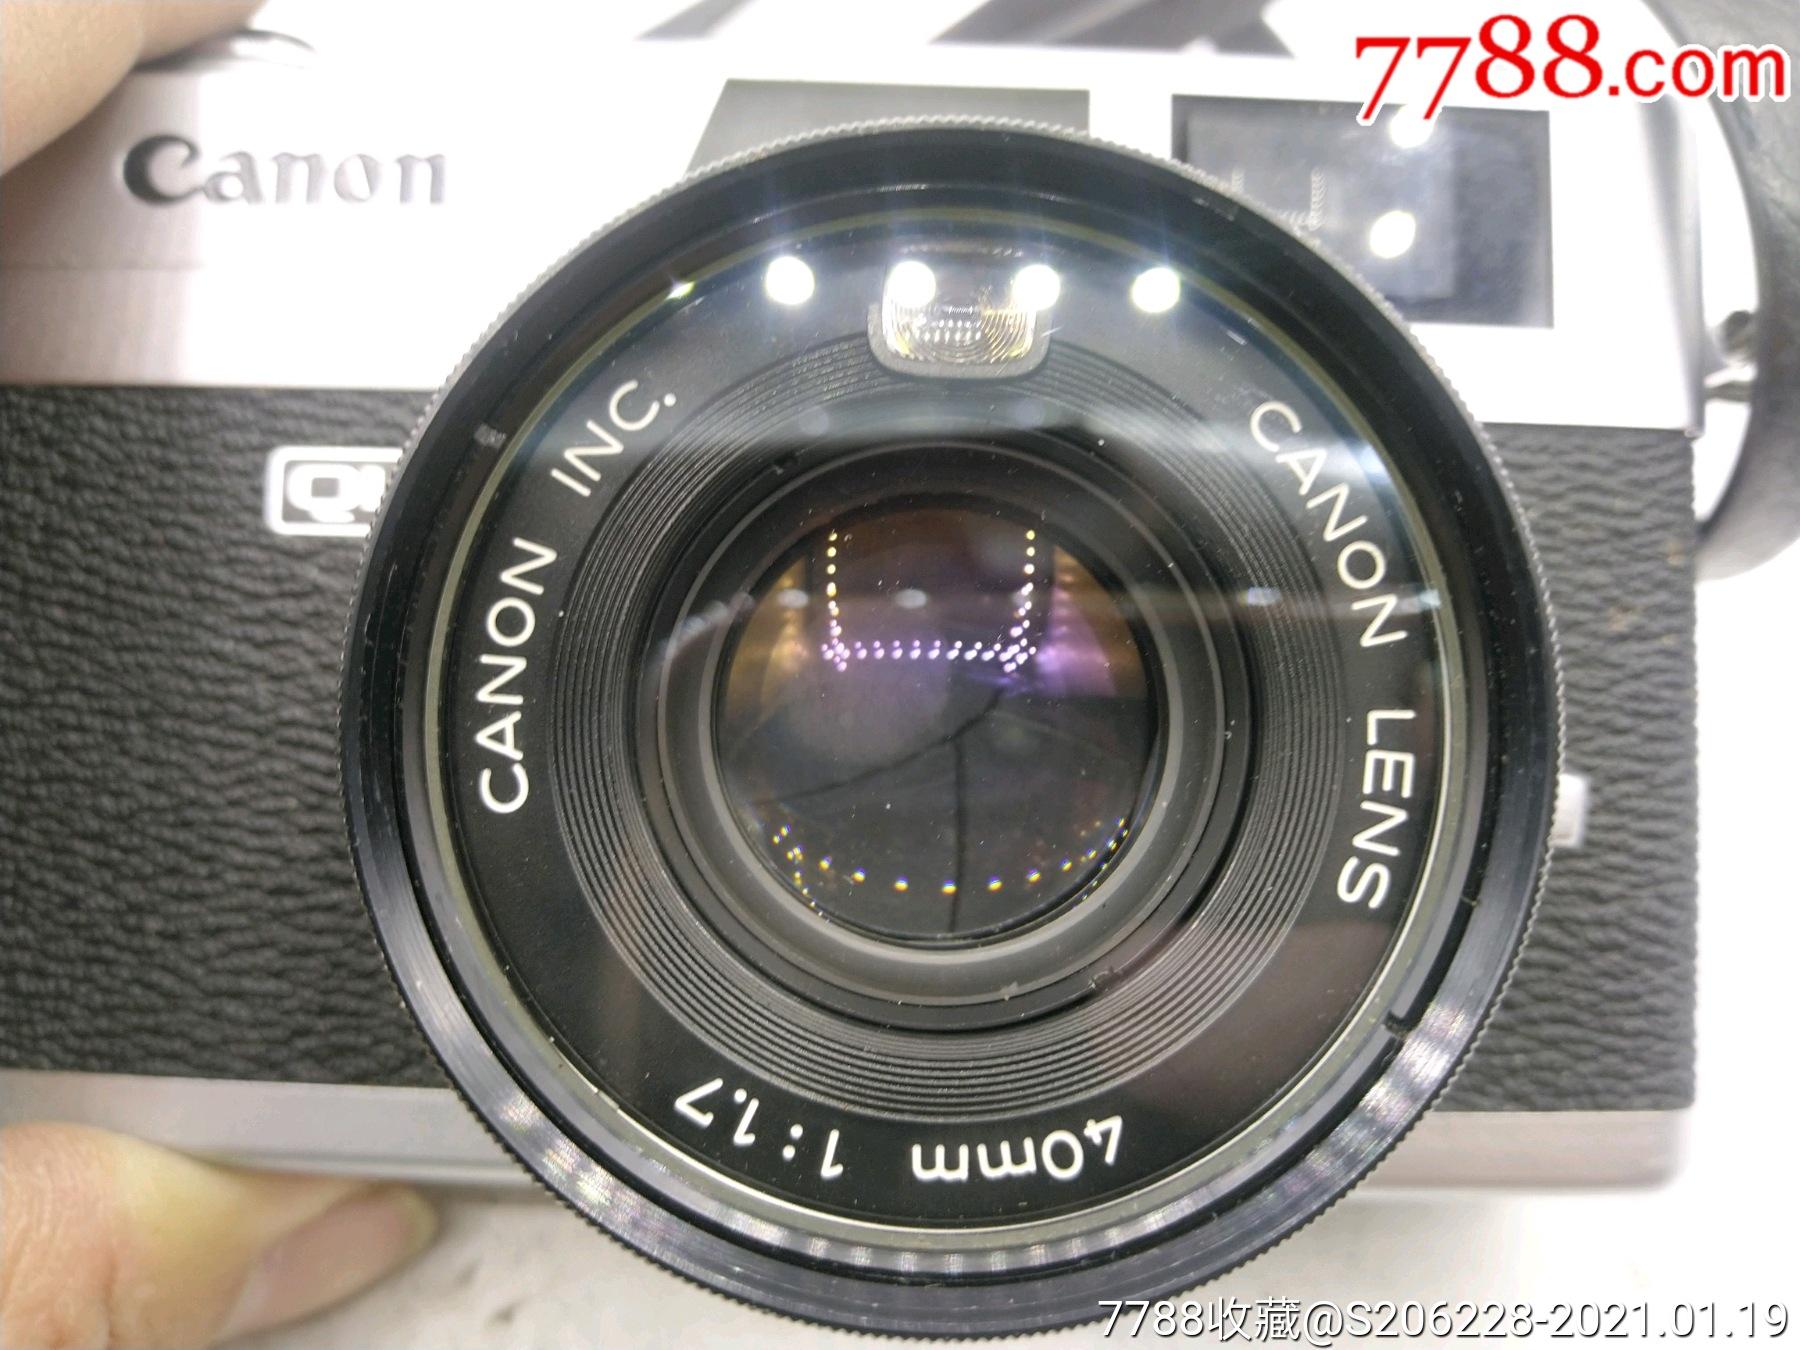 229★Canon_Canonet-QL17旁軸相機/機身編號:643049_價格260元_第8張_